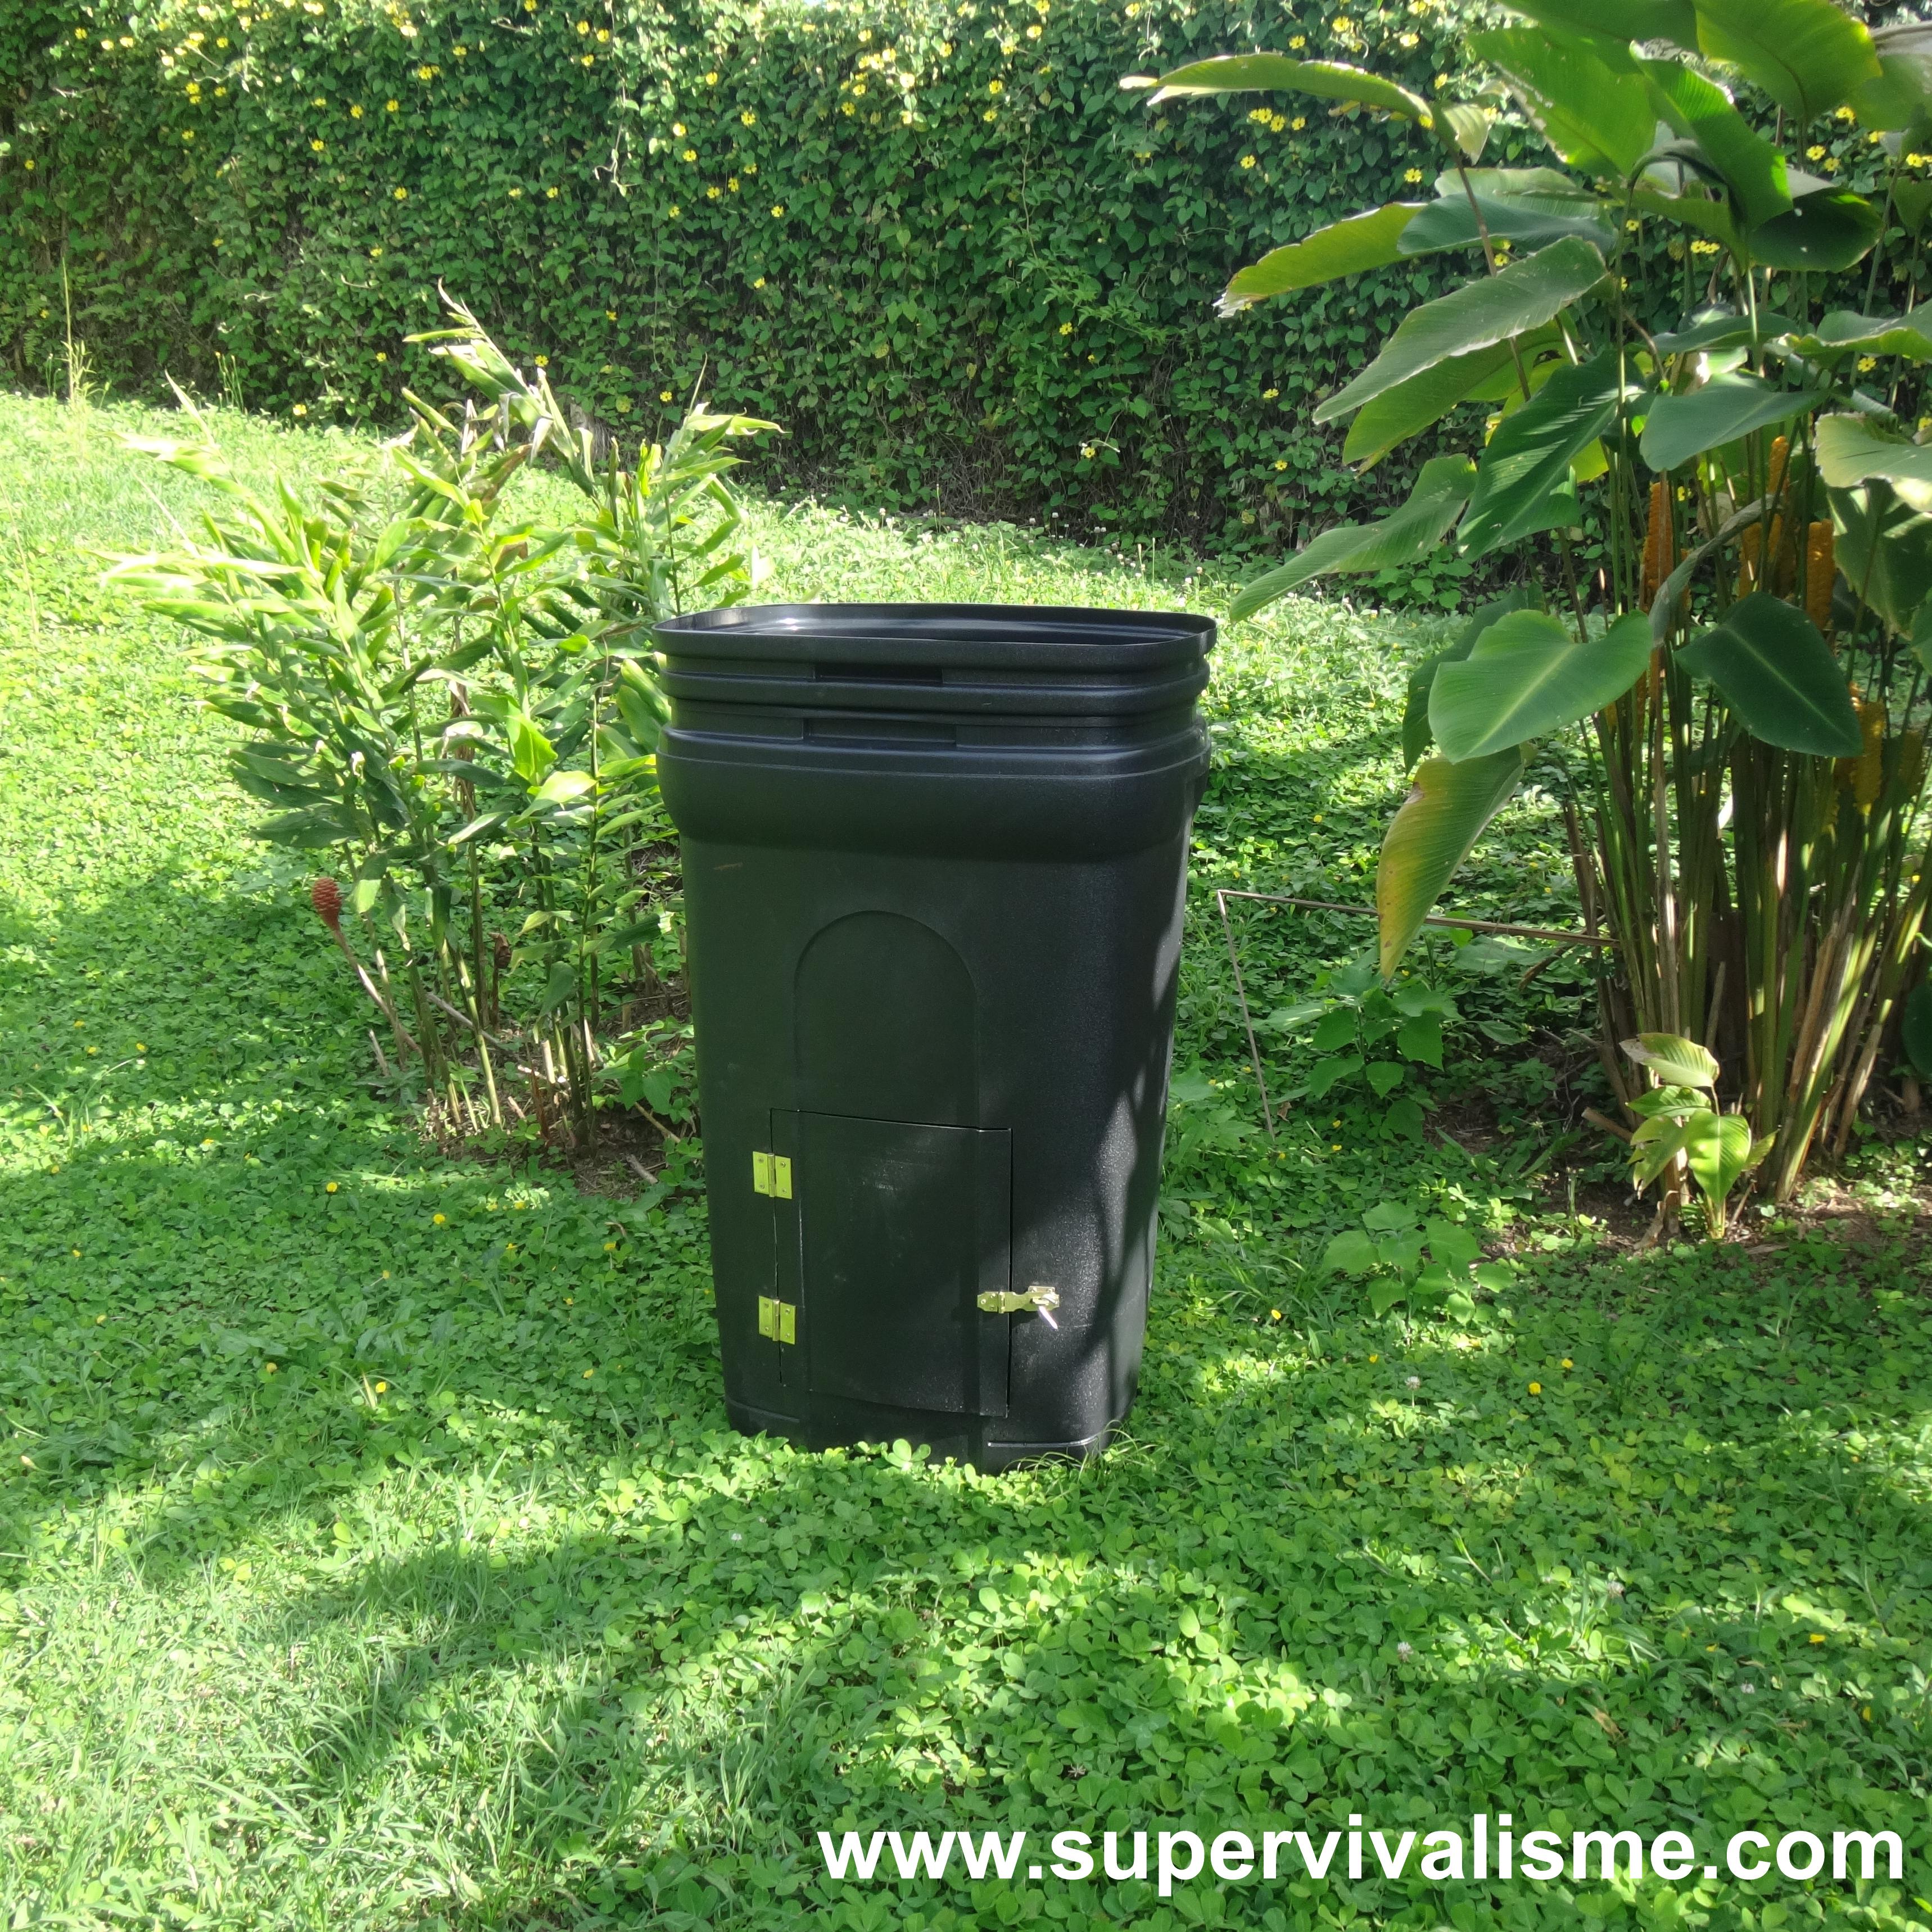 Fabriquer Un Composteur Avec Des Palettes fabrication d'un compost durable à partir d'un bac poubelle